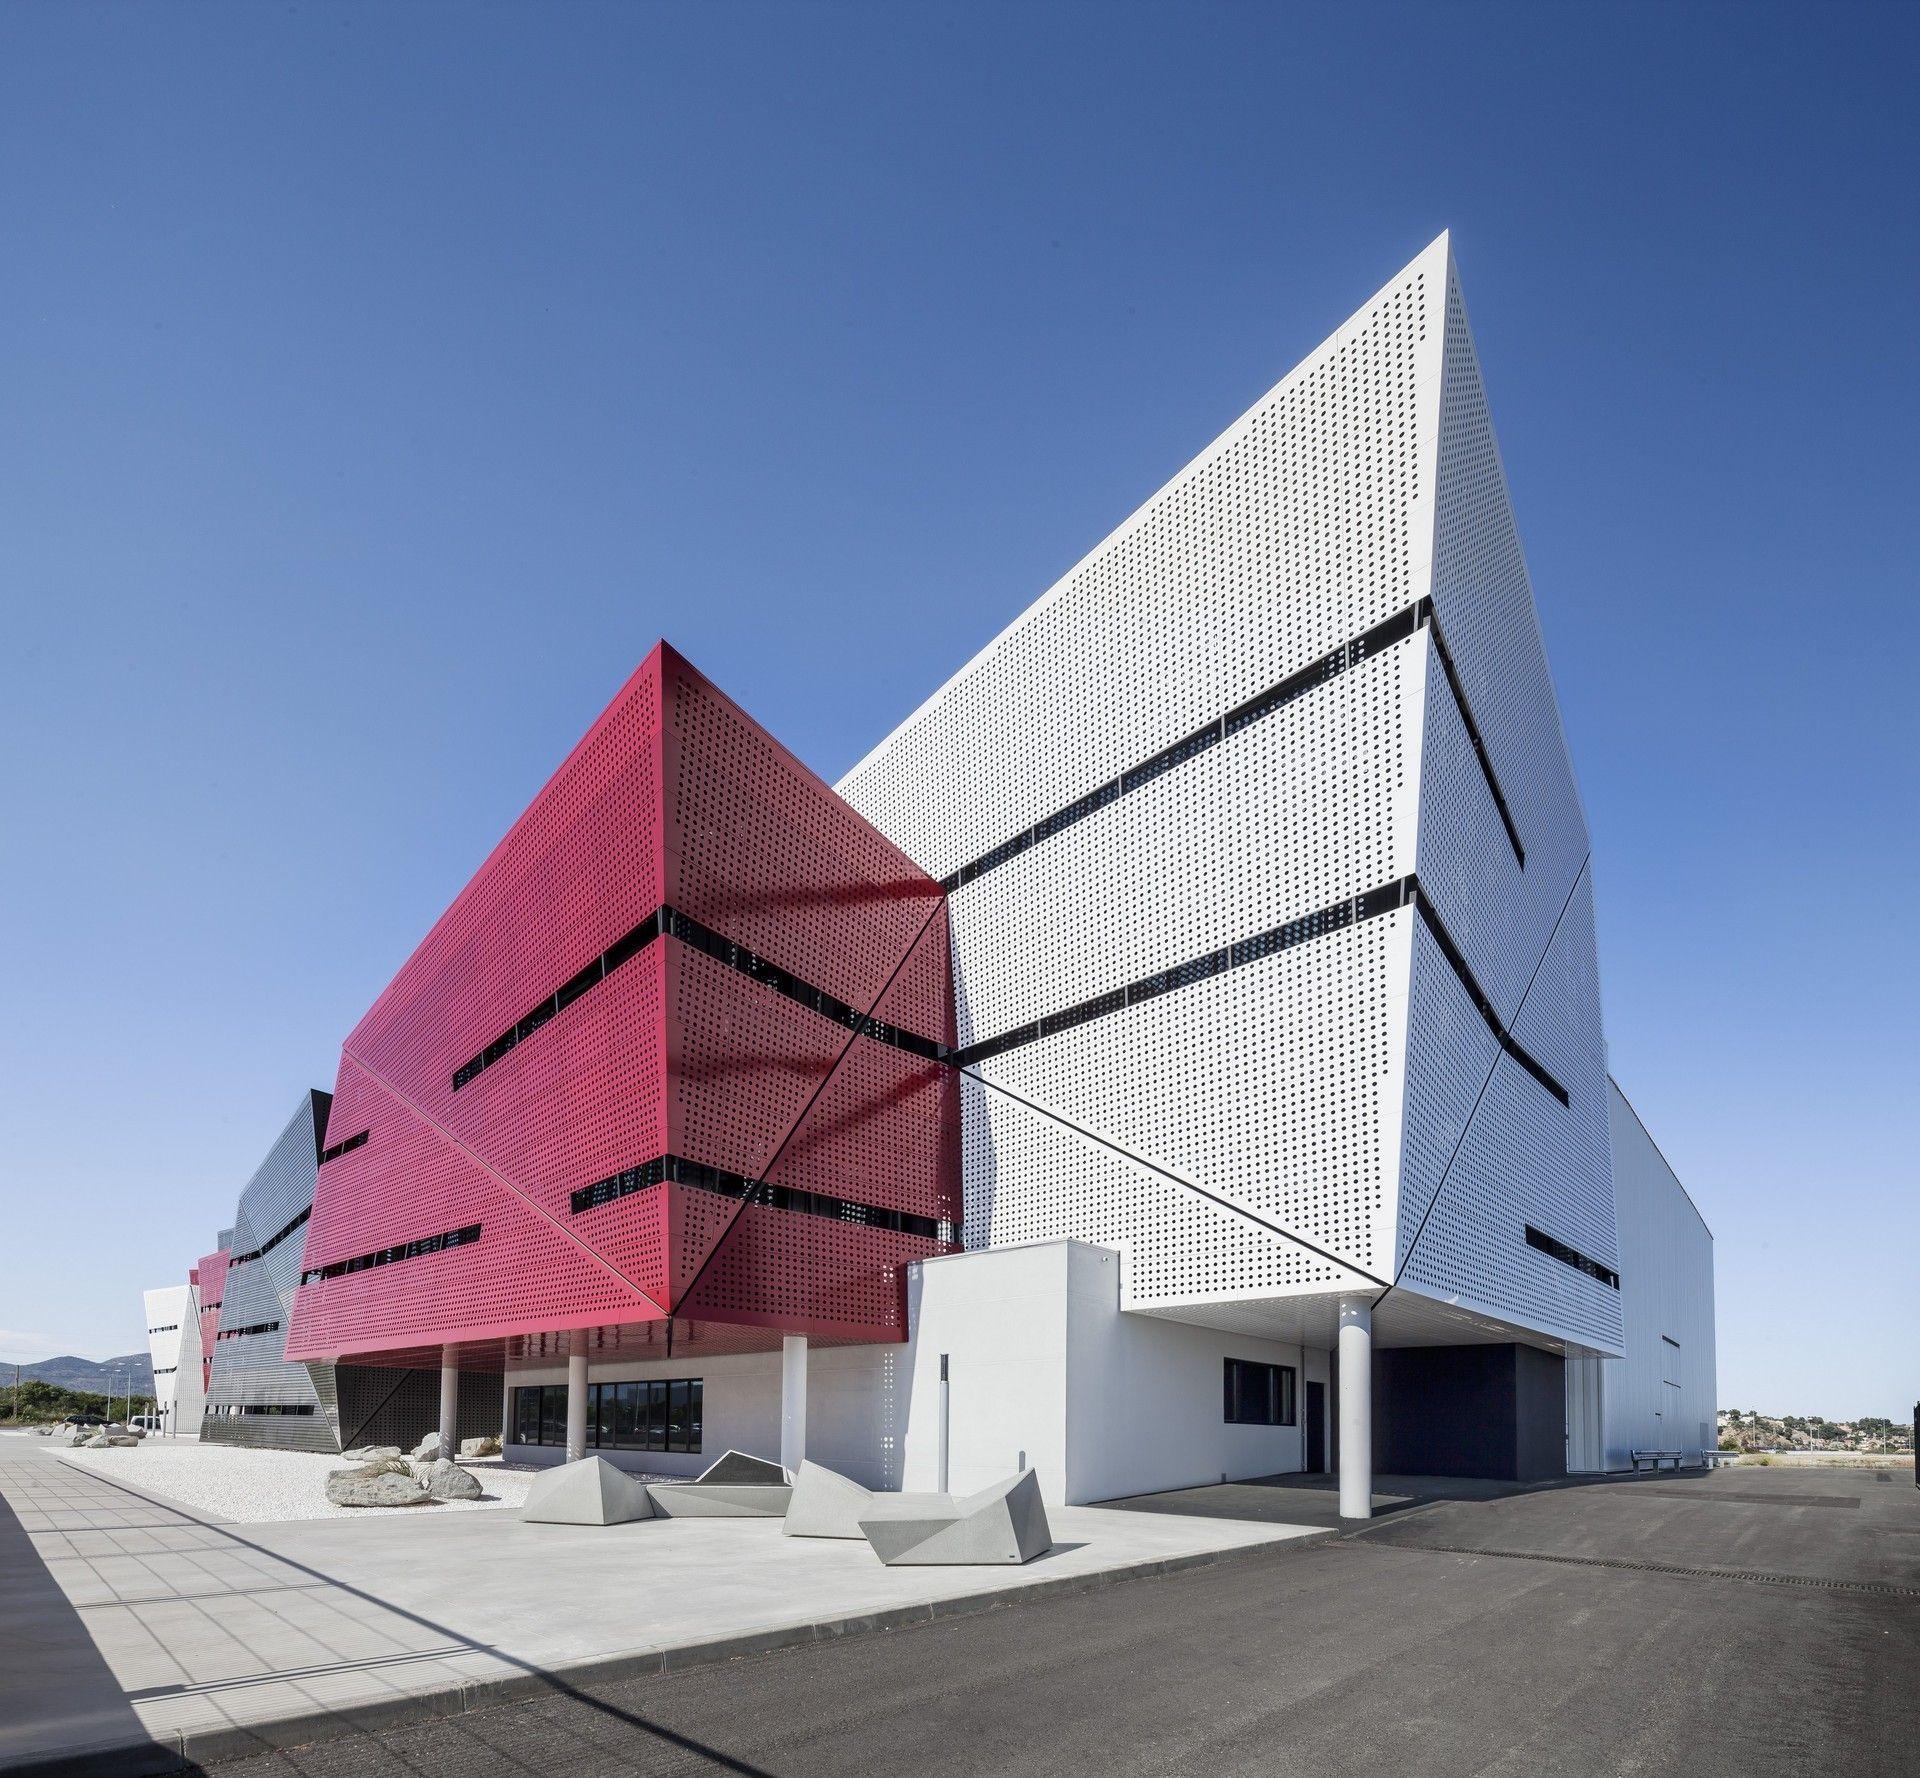 Cfpa Automotive Technology Center Caas Arquitectes Archello Amazing Architecture Landmark Buildings Building Design